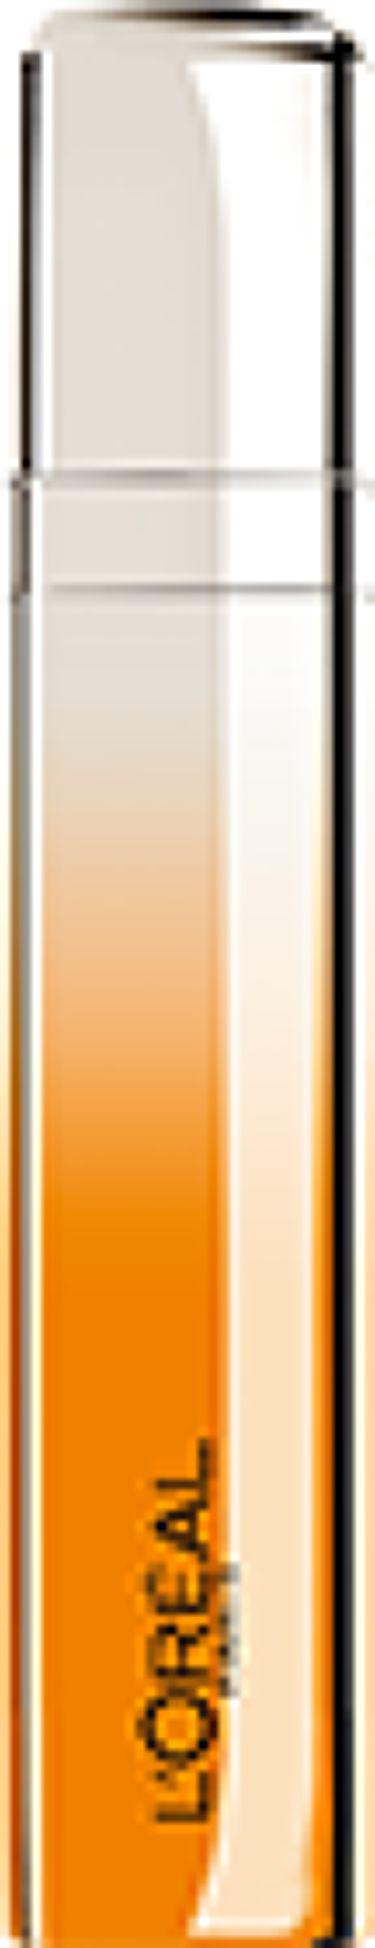 ユイルカレス 803 オレンジ